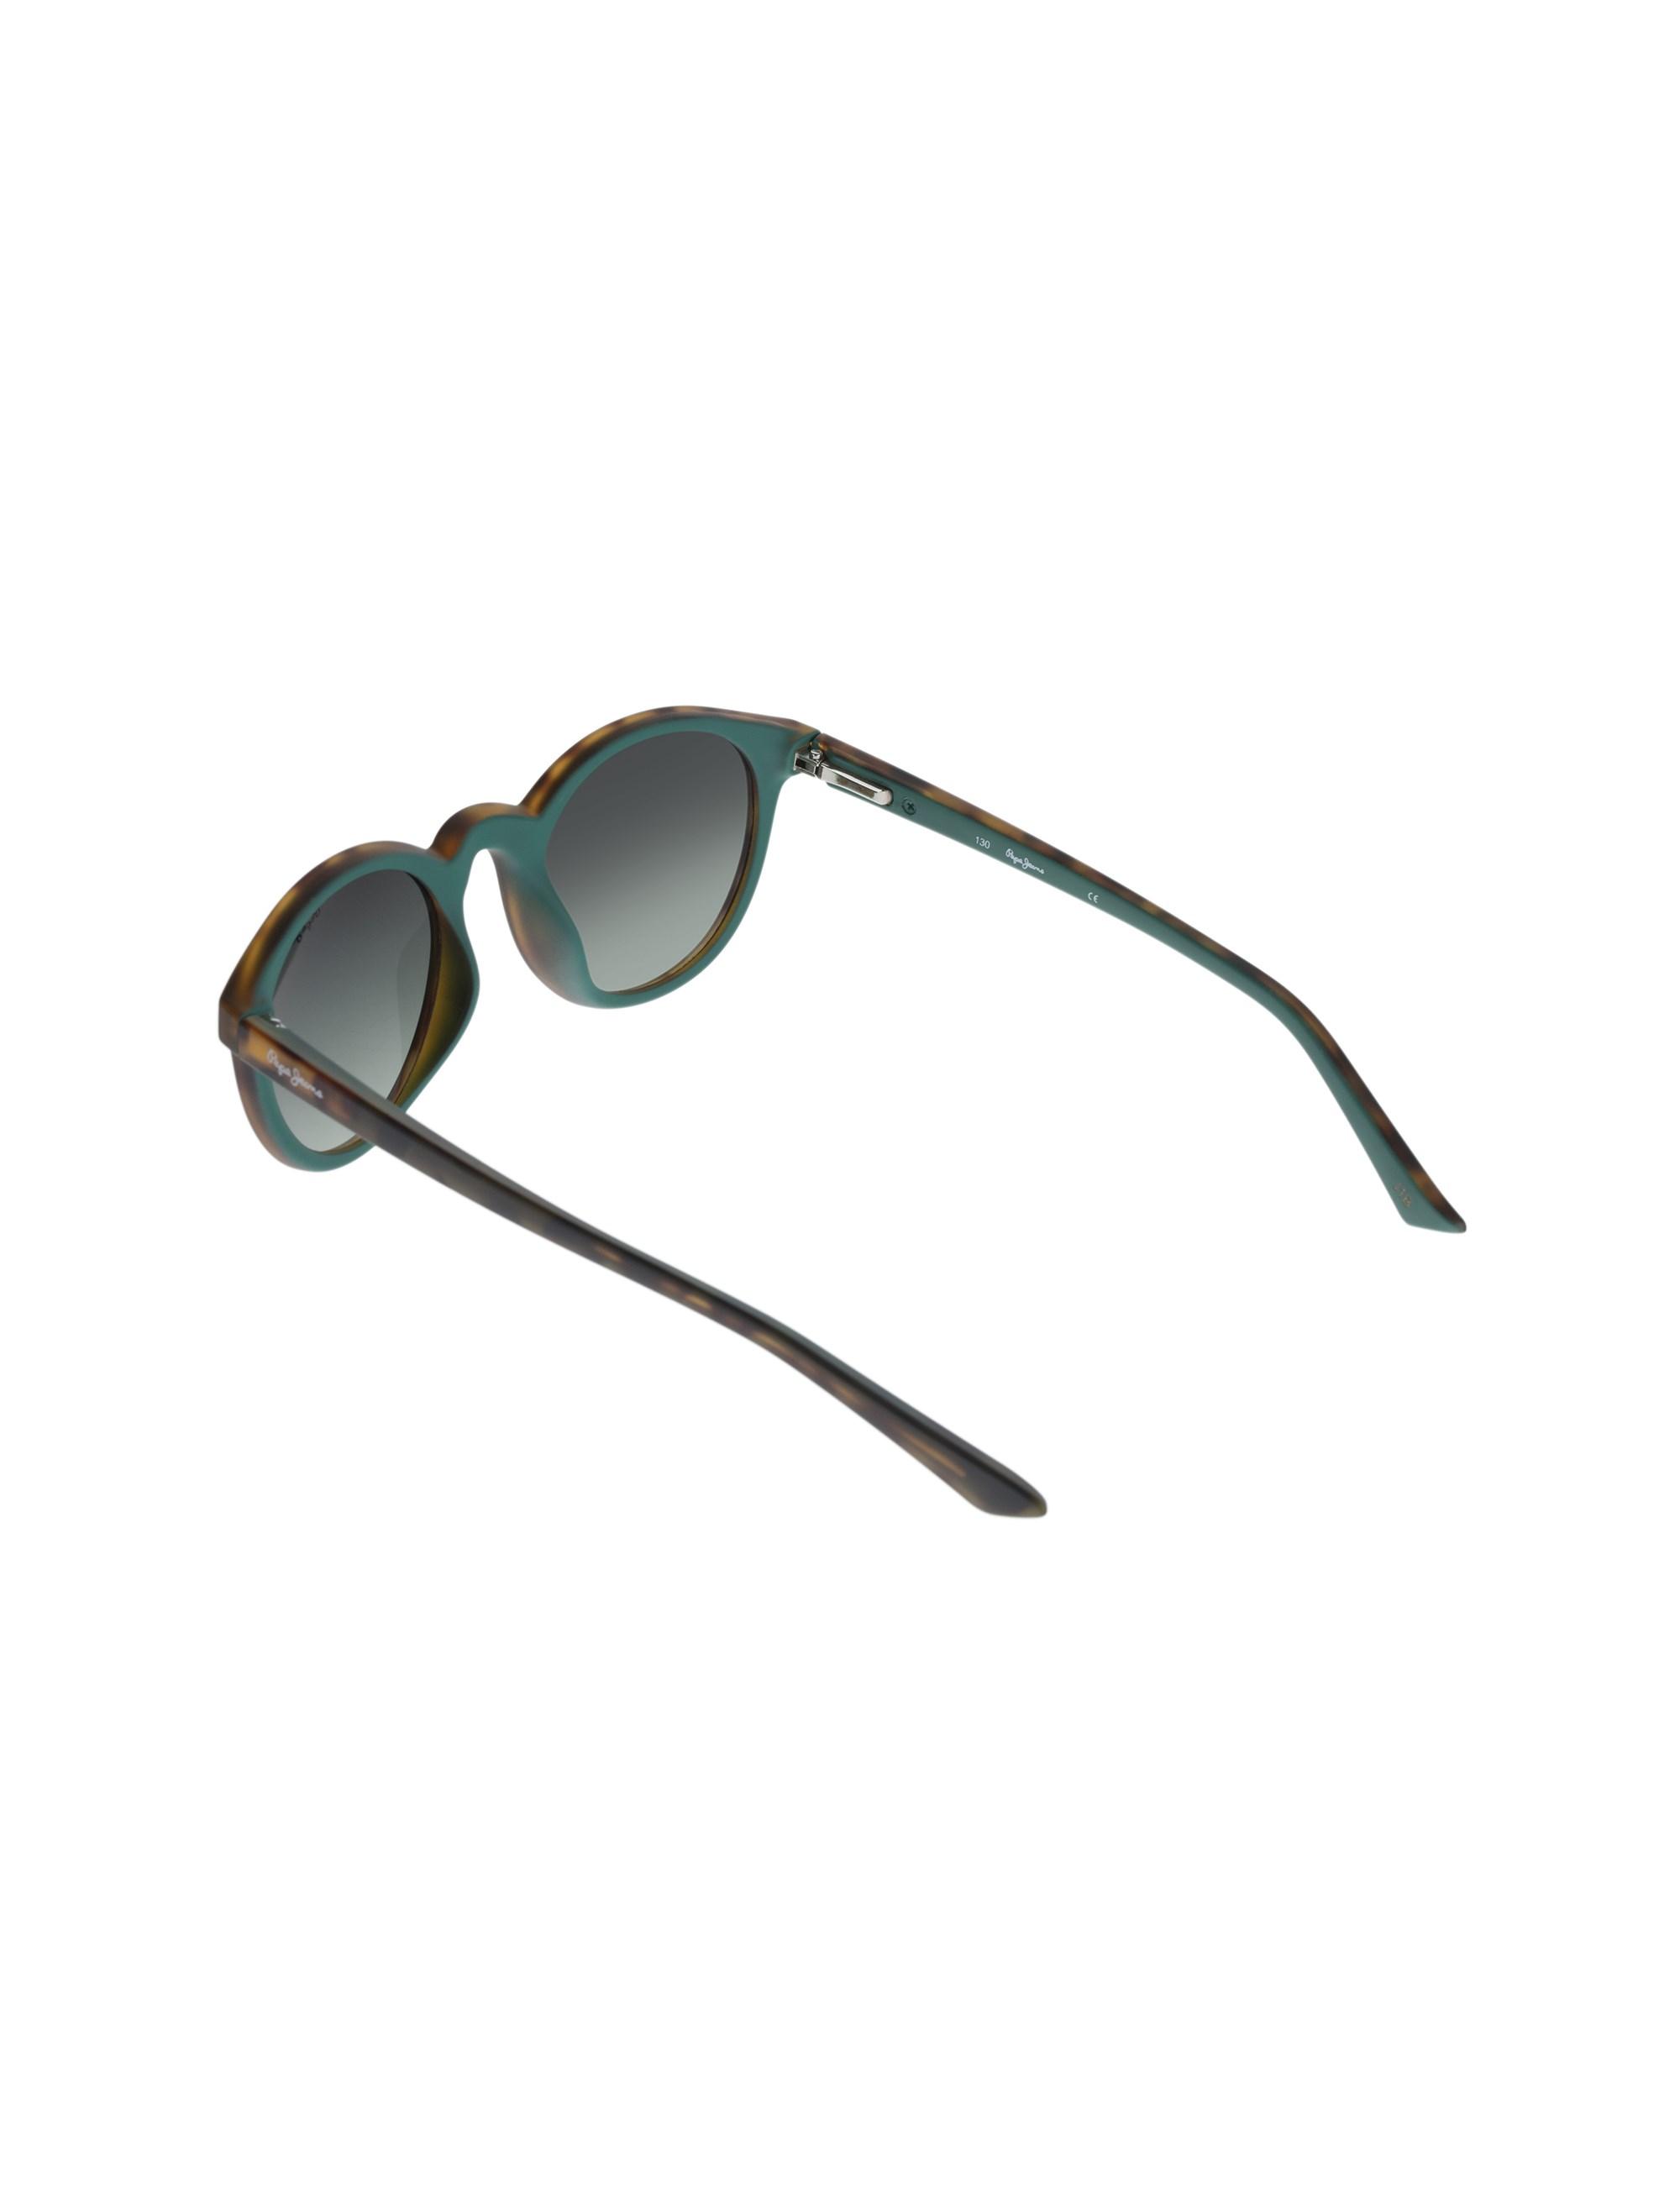 عینک آفتابی پنتوس دخترانه - پپه جینز - قهوه اي  - 4